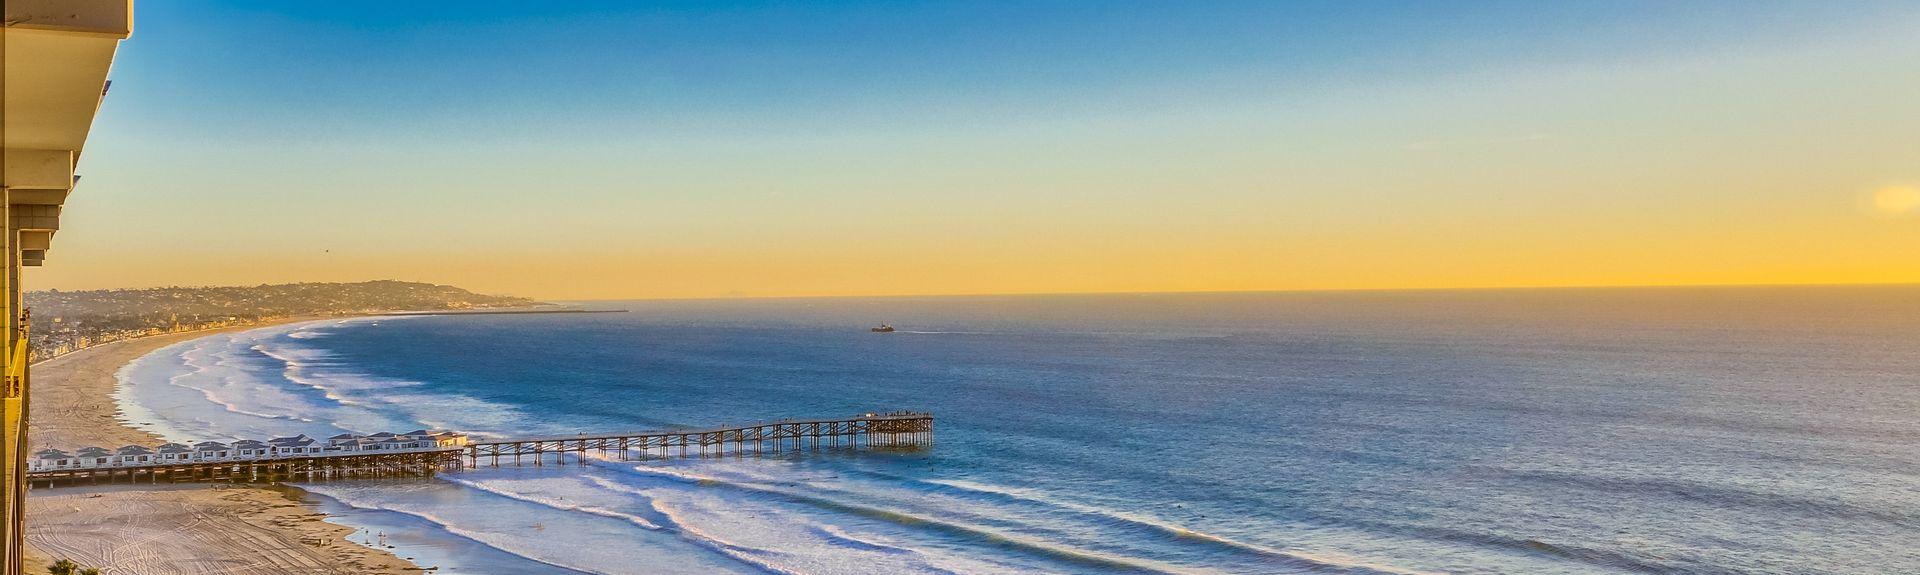 Capri by the Sea, San Diego, CA, USA